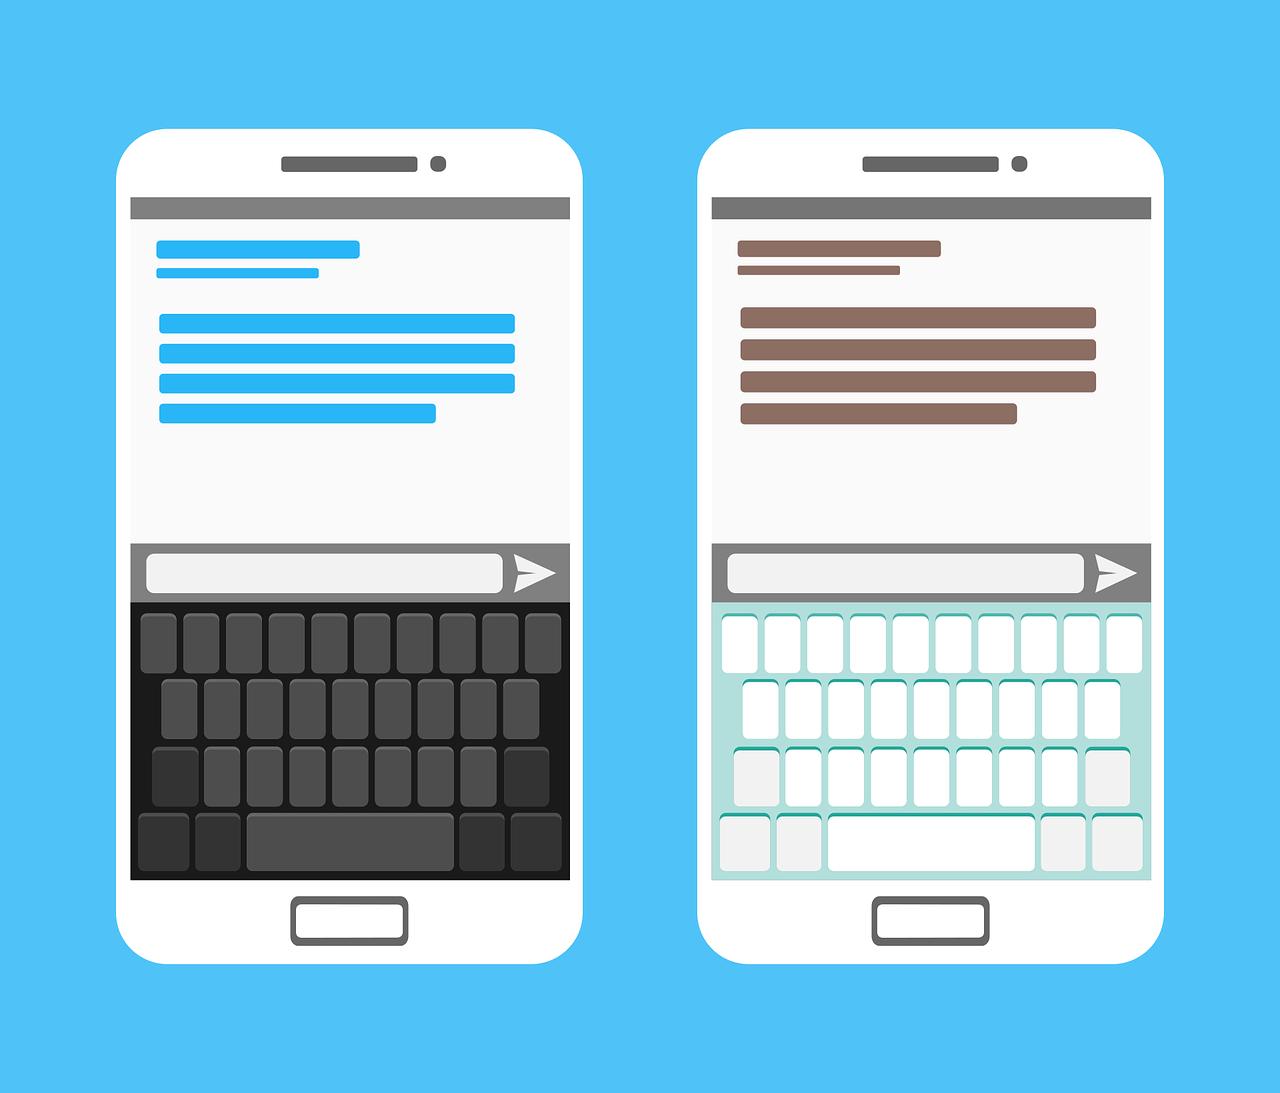 Nuevo Chat servicio de mensajería de Google será lanzado pronto